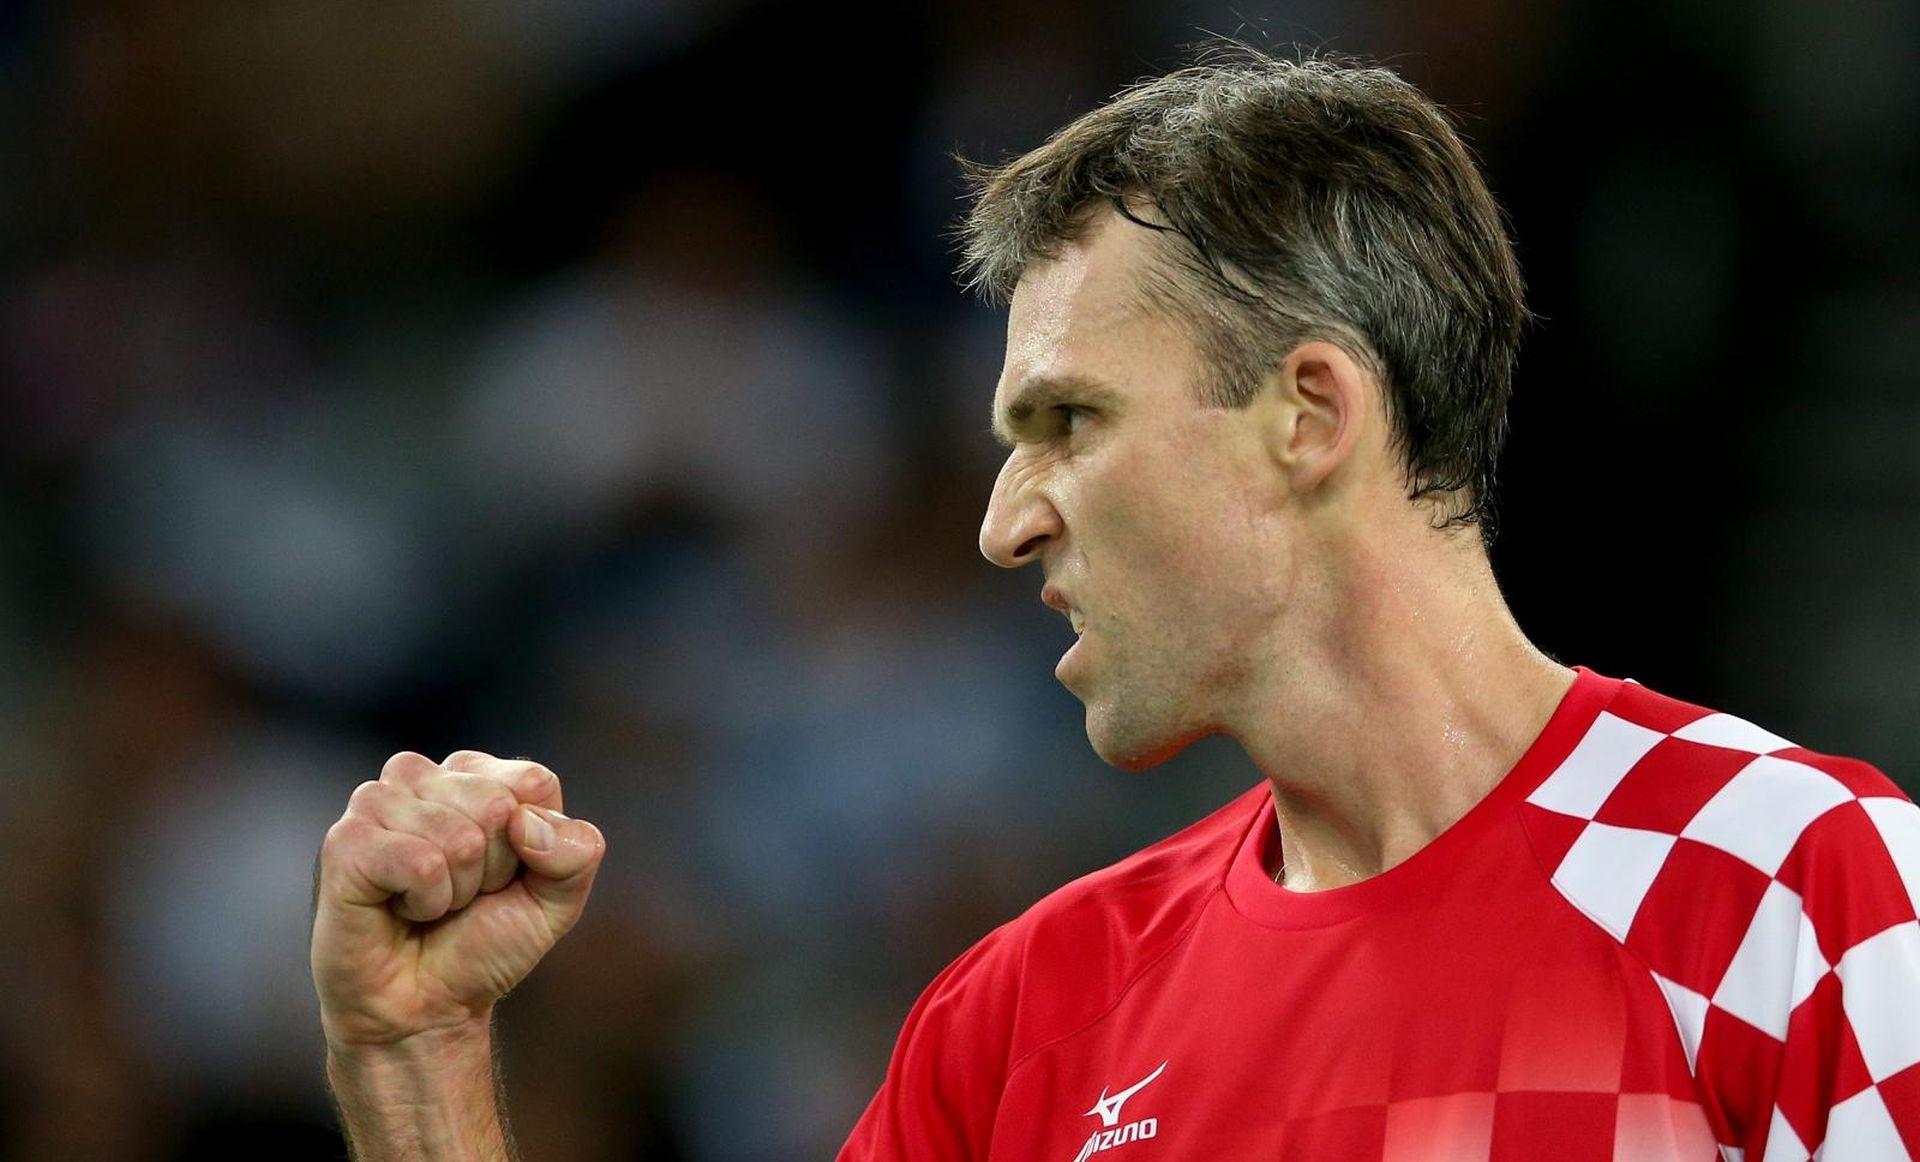 ATP LJESTVICA Čilić ostao sedmi, Karlović ušao među prvih 100